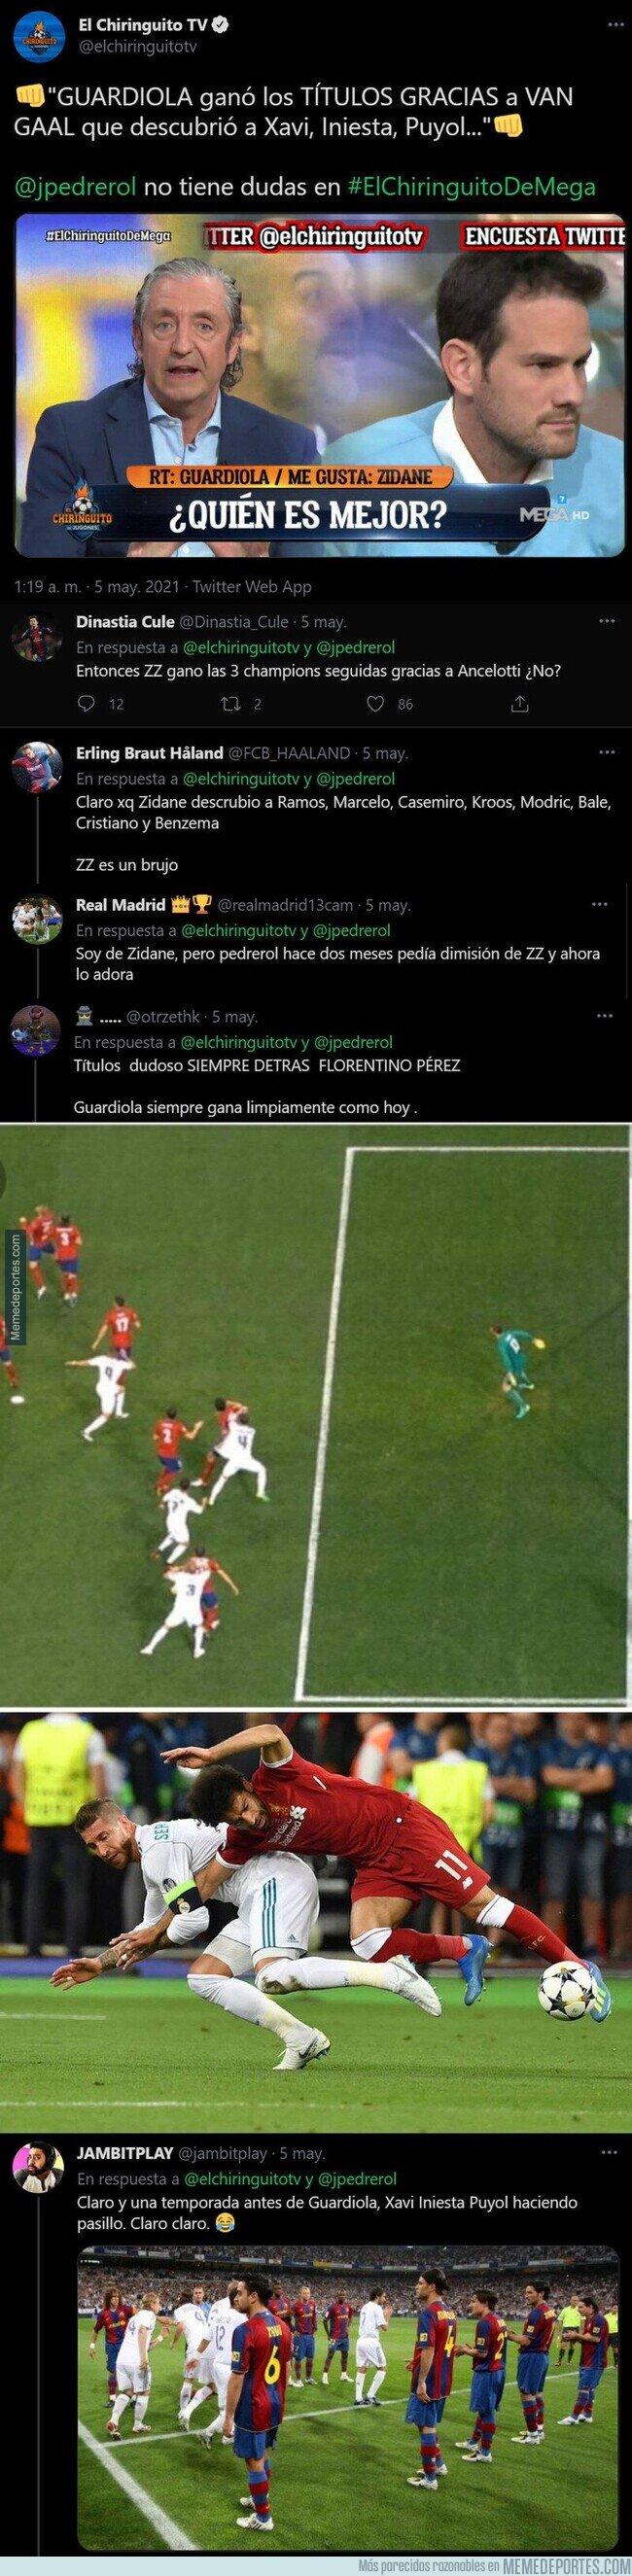 1134463 - El ridículo monumental de Pedrerol con esta frase sobre Guardiola para menospreciar su nivel como entrenador